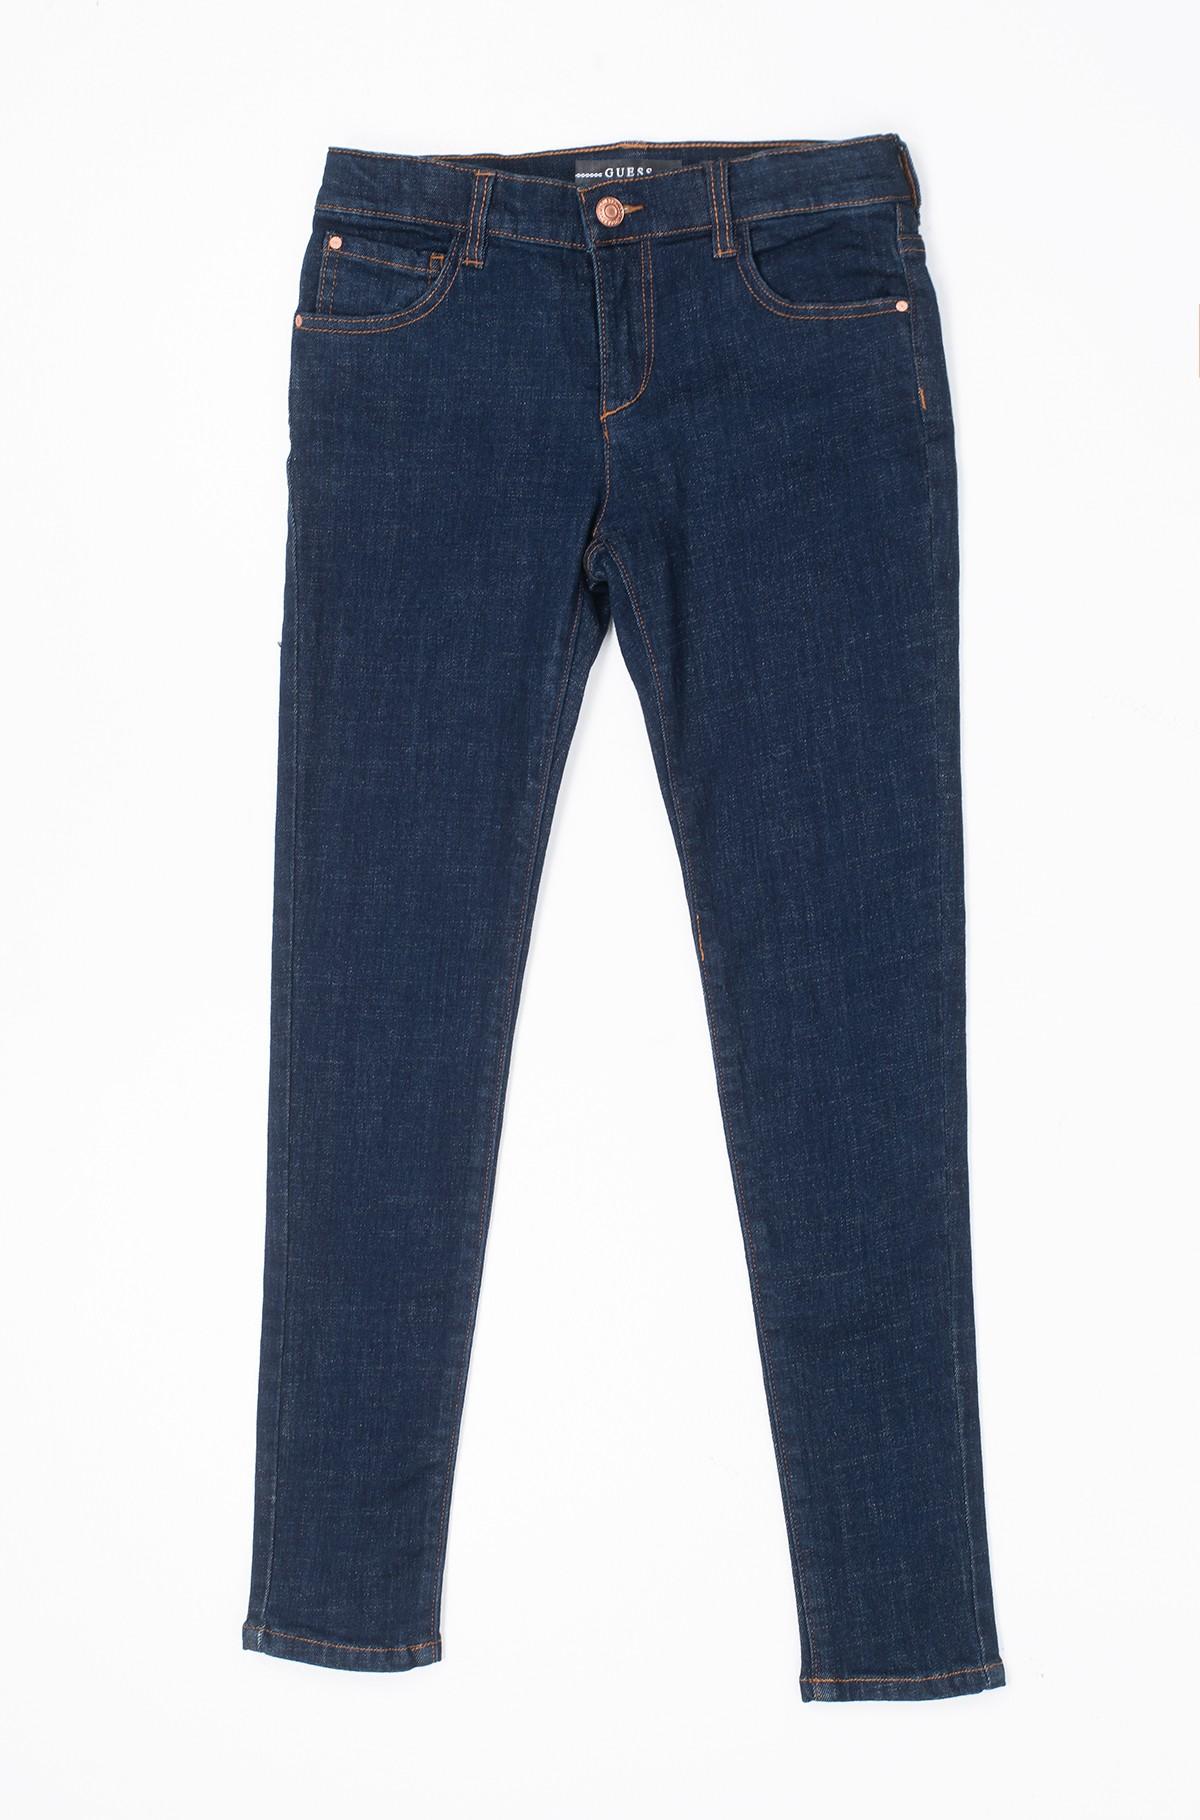 Vaikiškos džinsinės kelnės J94A06 D3U30-full-1